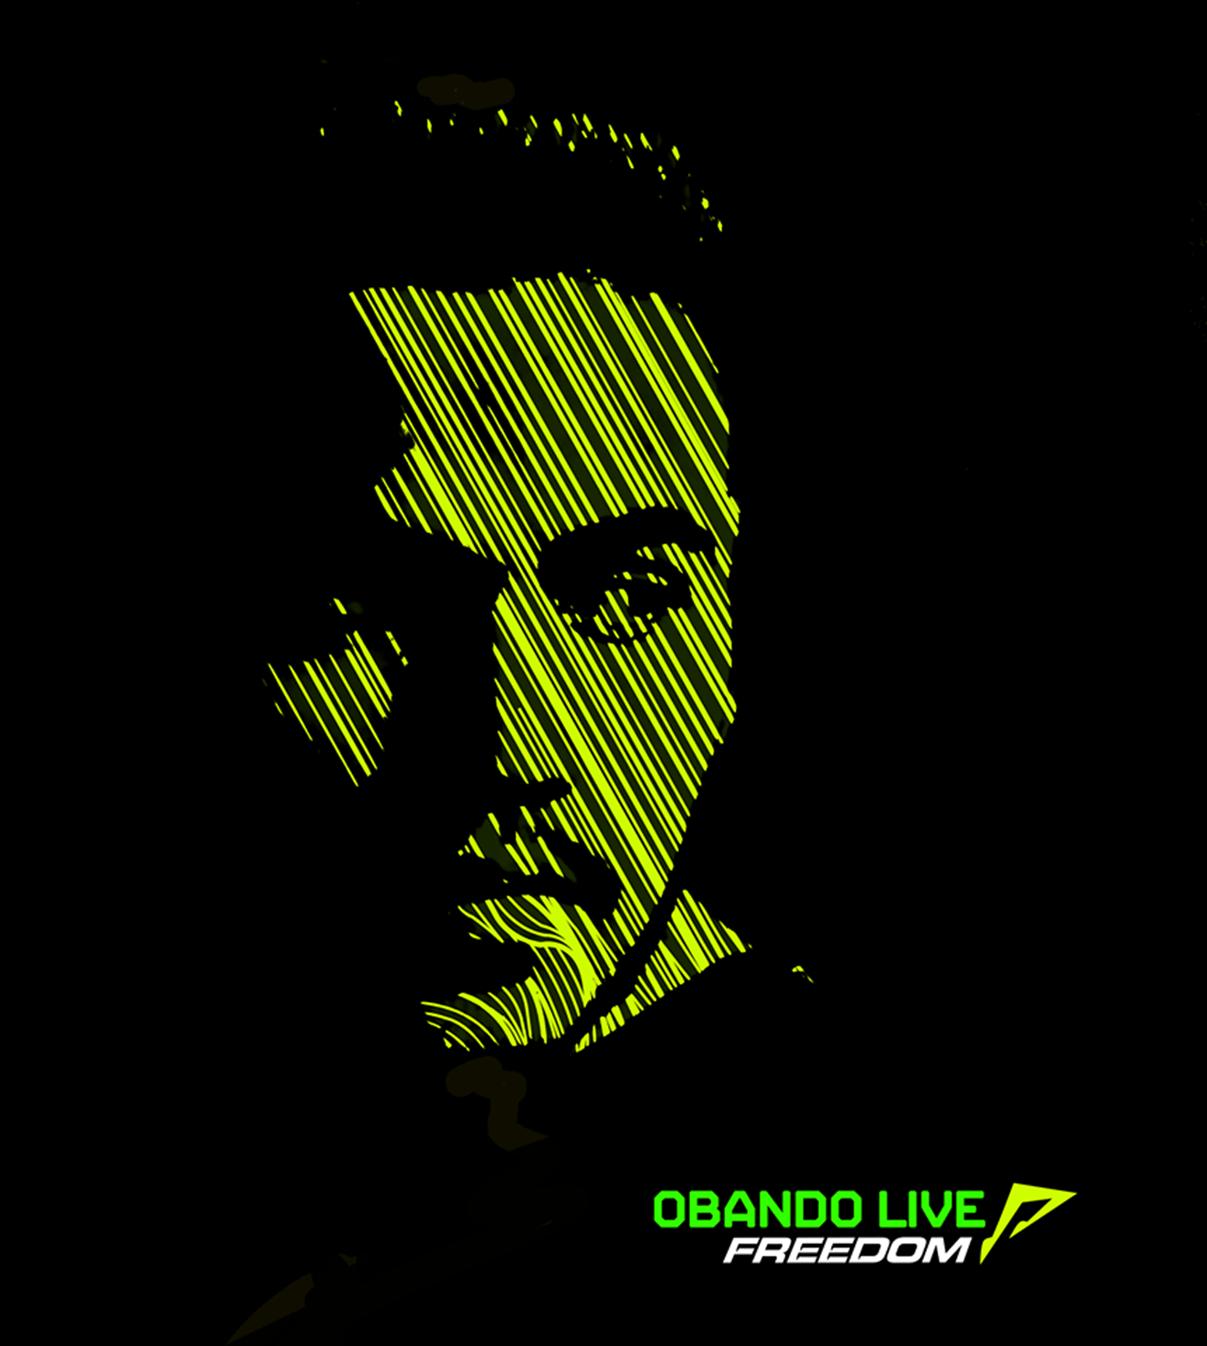 Obando live en el FREEDOM 2019